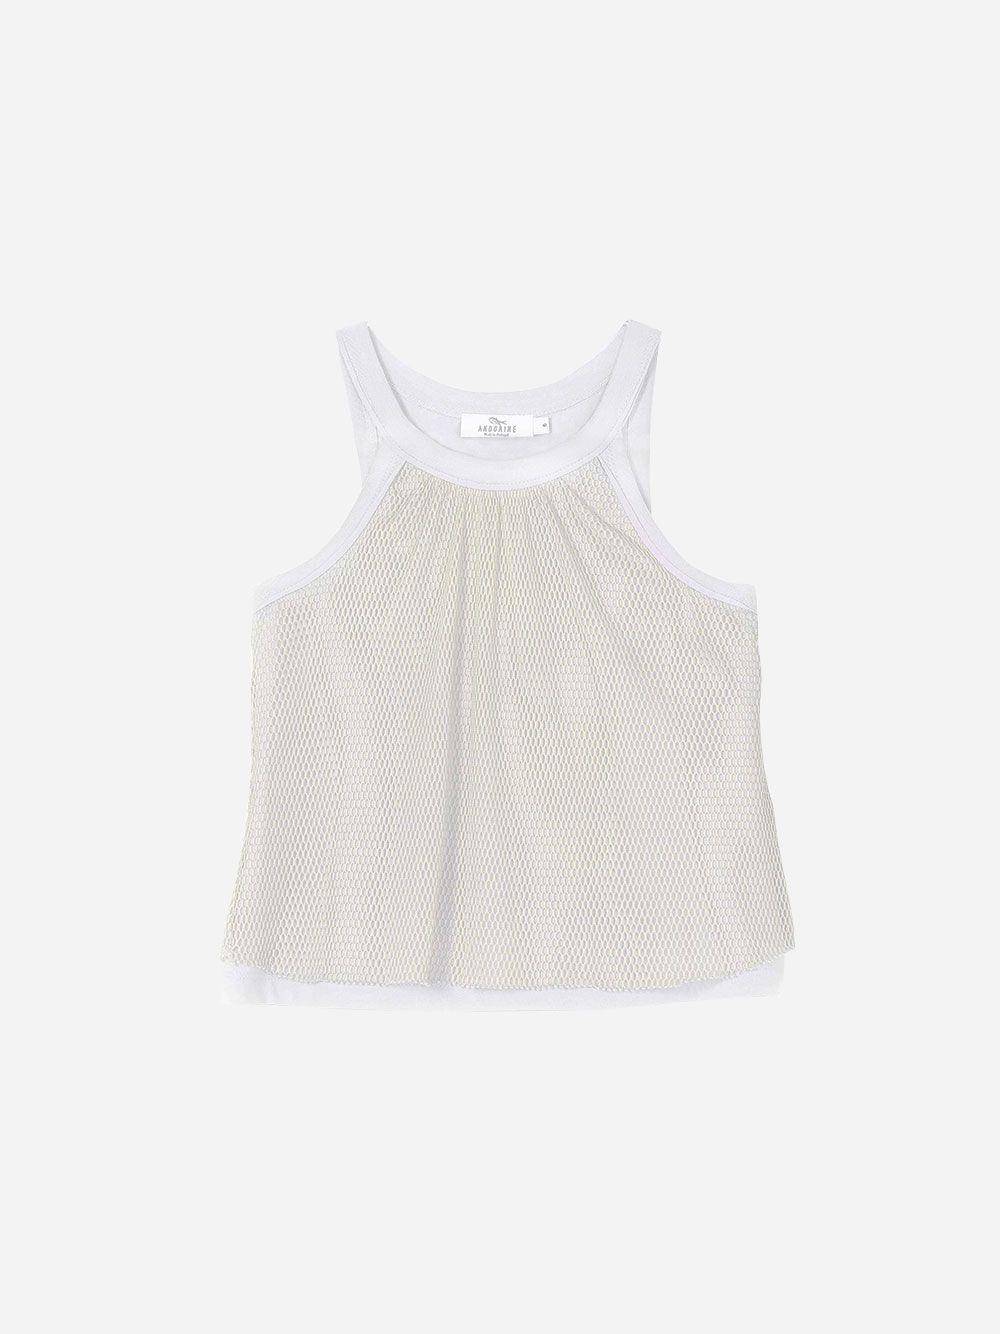 White Sleeveless Mesh Top | Andorine